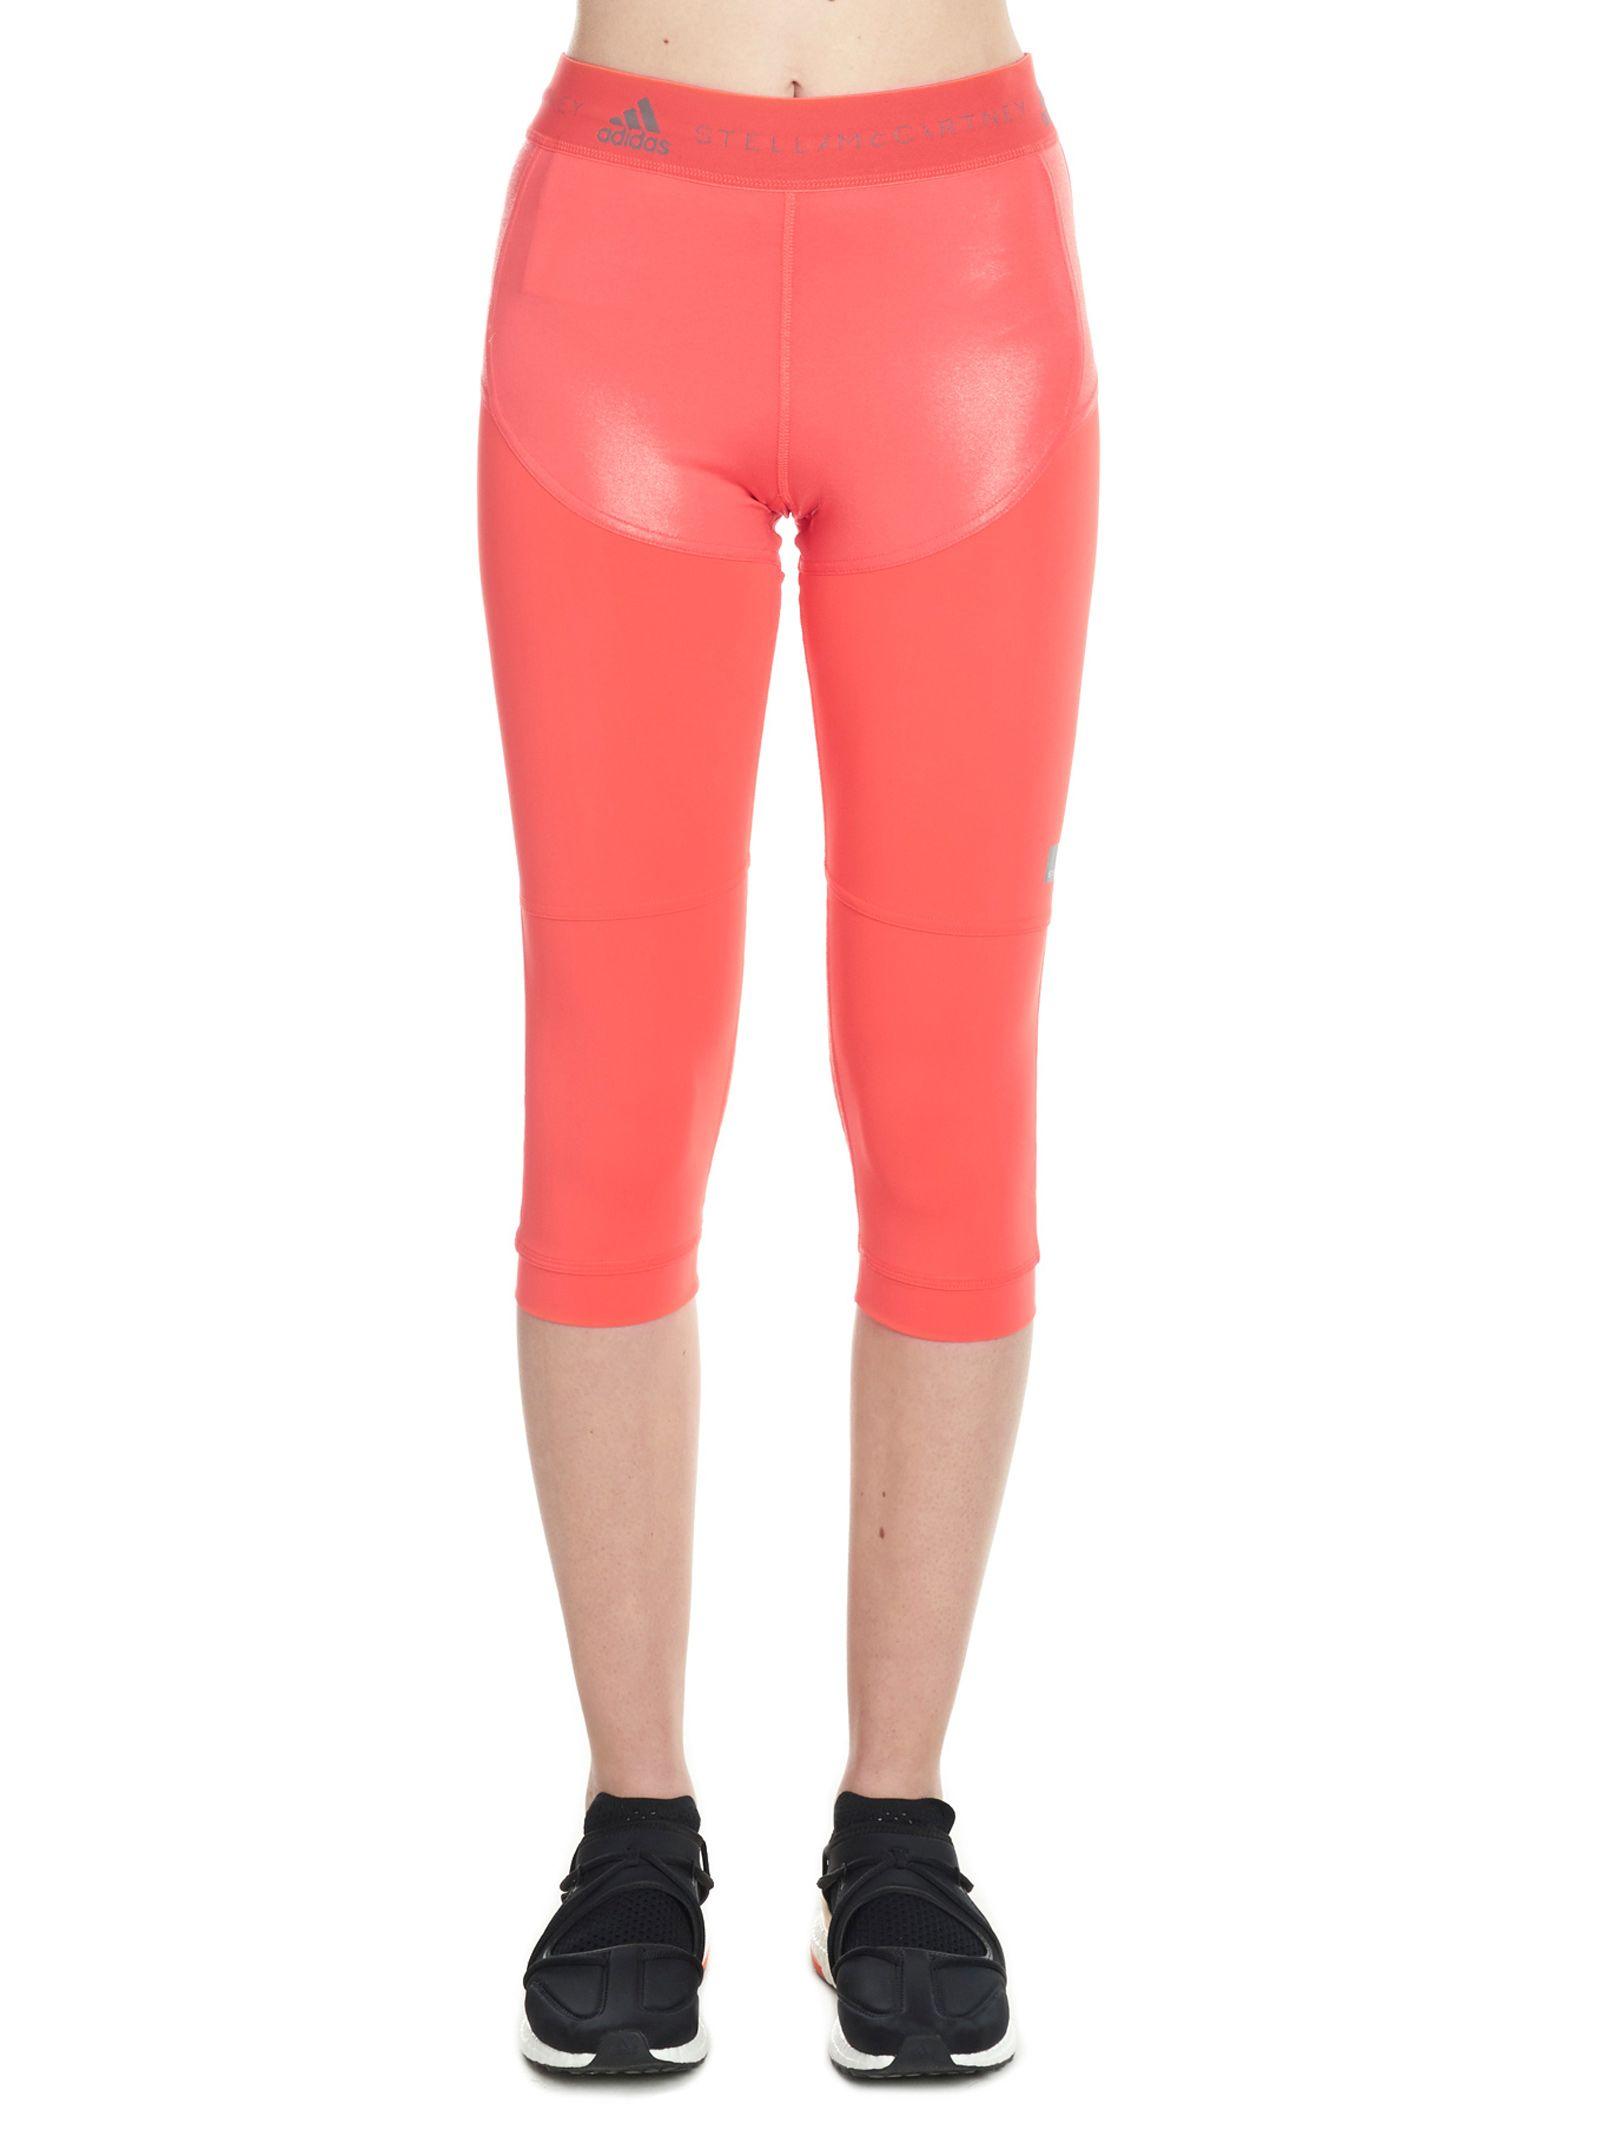 2c32bb96ae5 Adidas by Stella McCartney Adidas By Stella Mccartney Leggings ...